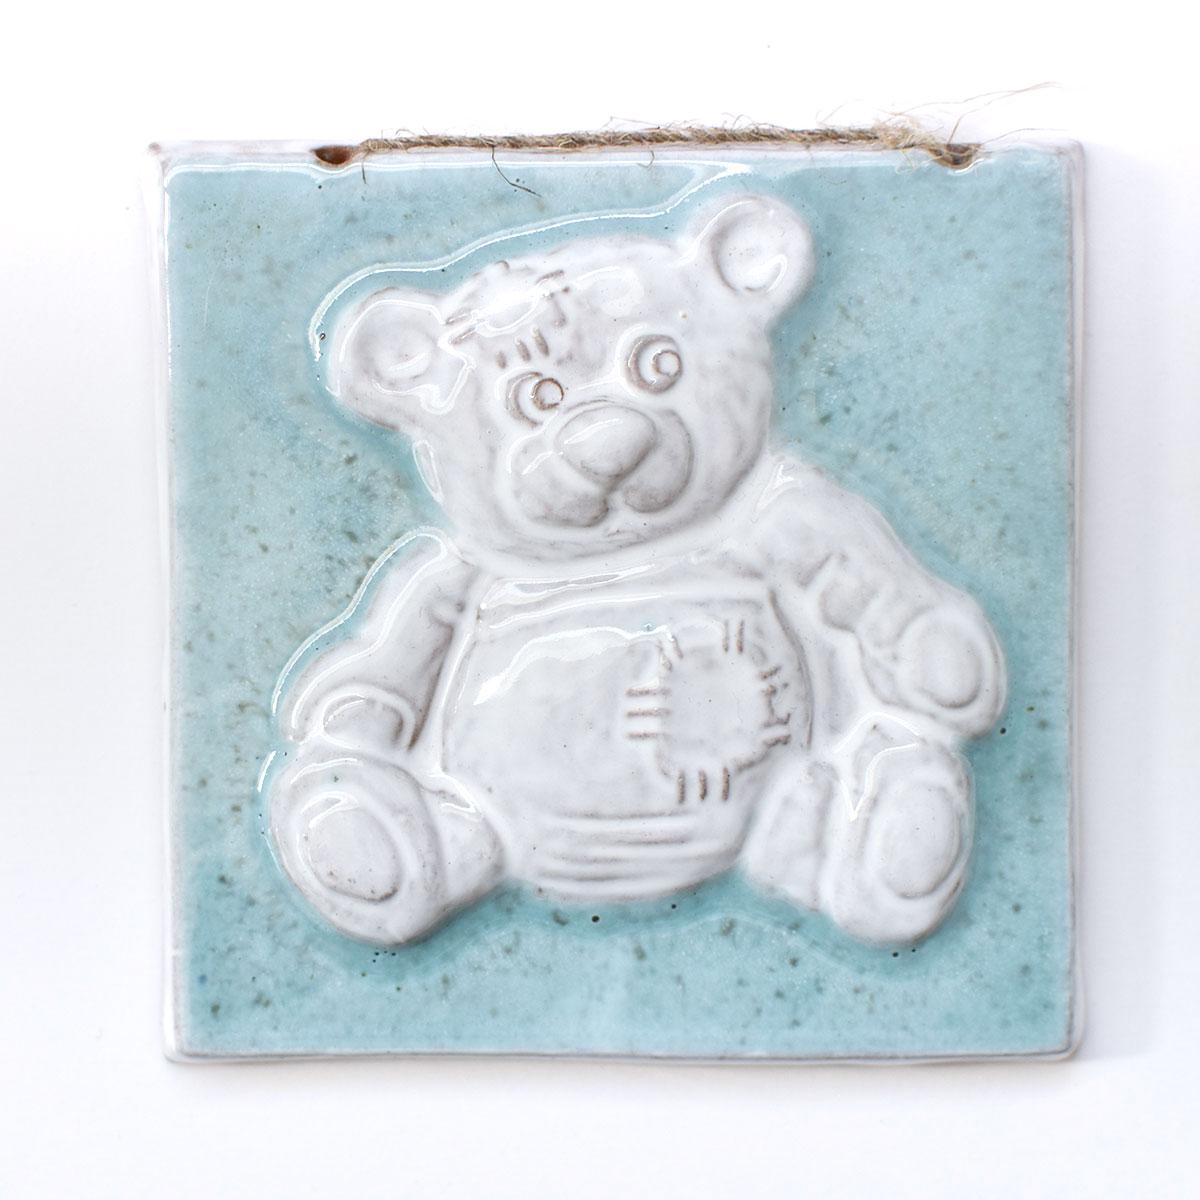 """картинка Изразец ручной работы """"Плюшевый Мишка"""" 2 - DishWishes.Ru"""